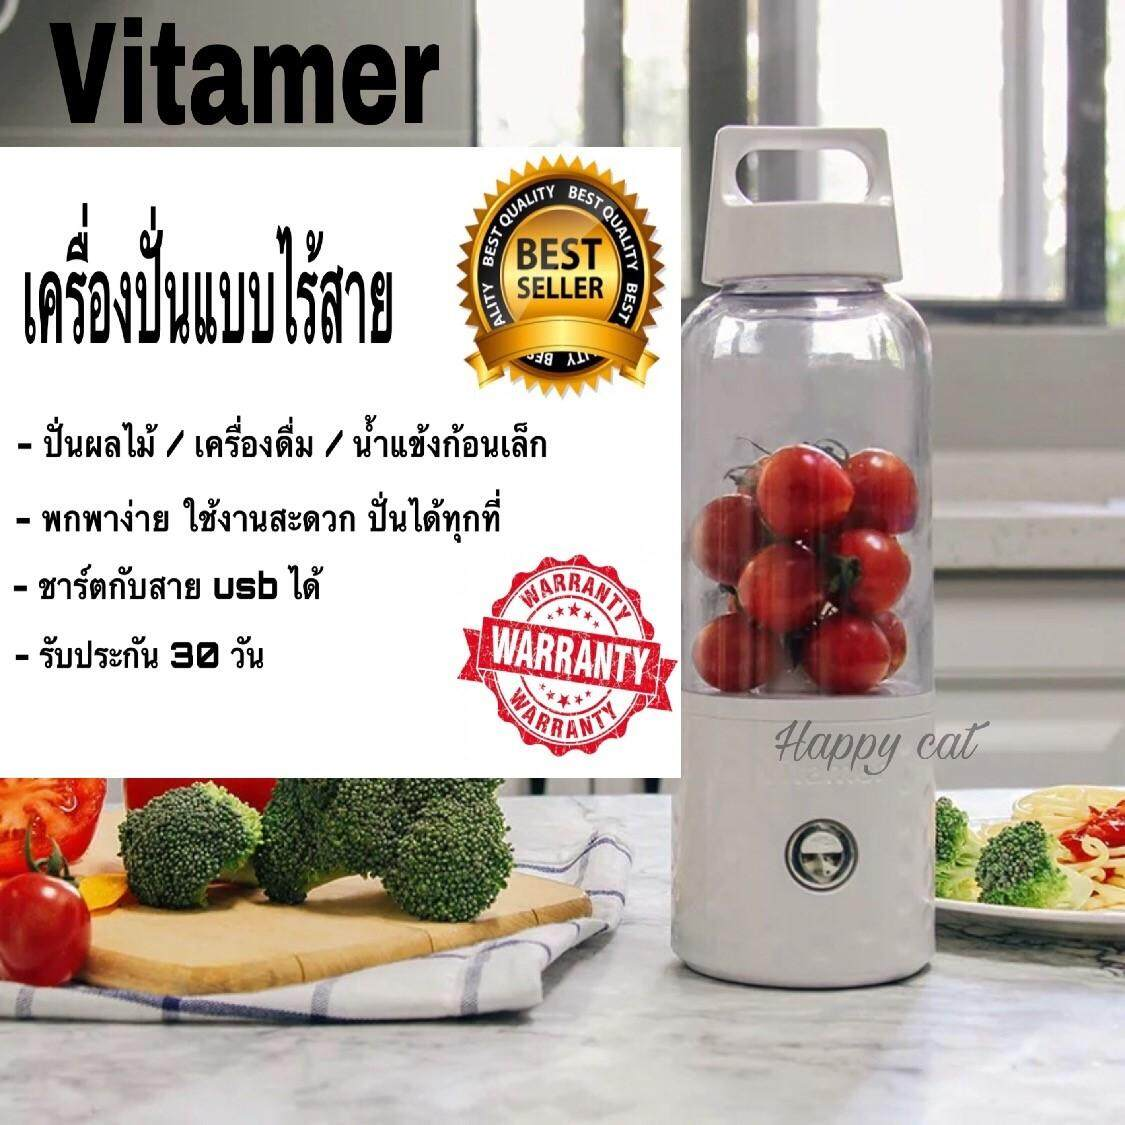 Vitamer สีขาว แก้วปั่นพกพา Vi Tamer แก้วปั่นไร้สาย แก้วปั่นน้ำผลไม้ แก้วปั่นพกพา Vi - Tamer แก้วปั่นไร้สาย แก้วปั่นน้ำผลไม้ แก้วปั่นผลไม้ พกพา เครื่องปั่น สมูทตี้  (สินค้าพร้อมส่ง & ส่งไว 100%) ขนาด 500 ML มีรับประกันเปลี่ยนเครื่องภายใน 30 วัน ของถูก